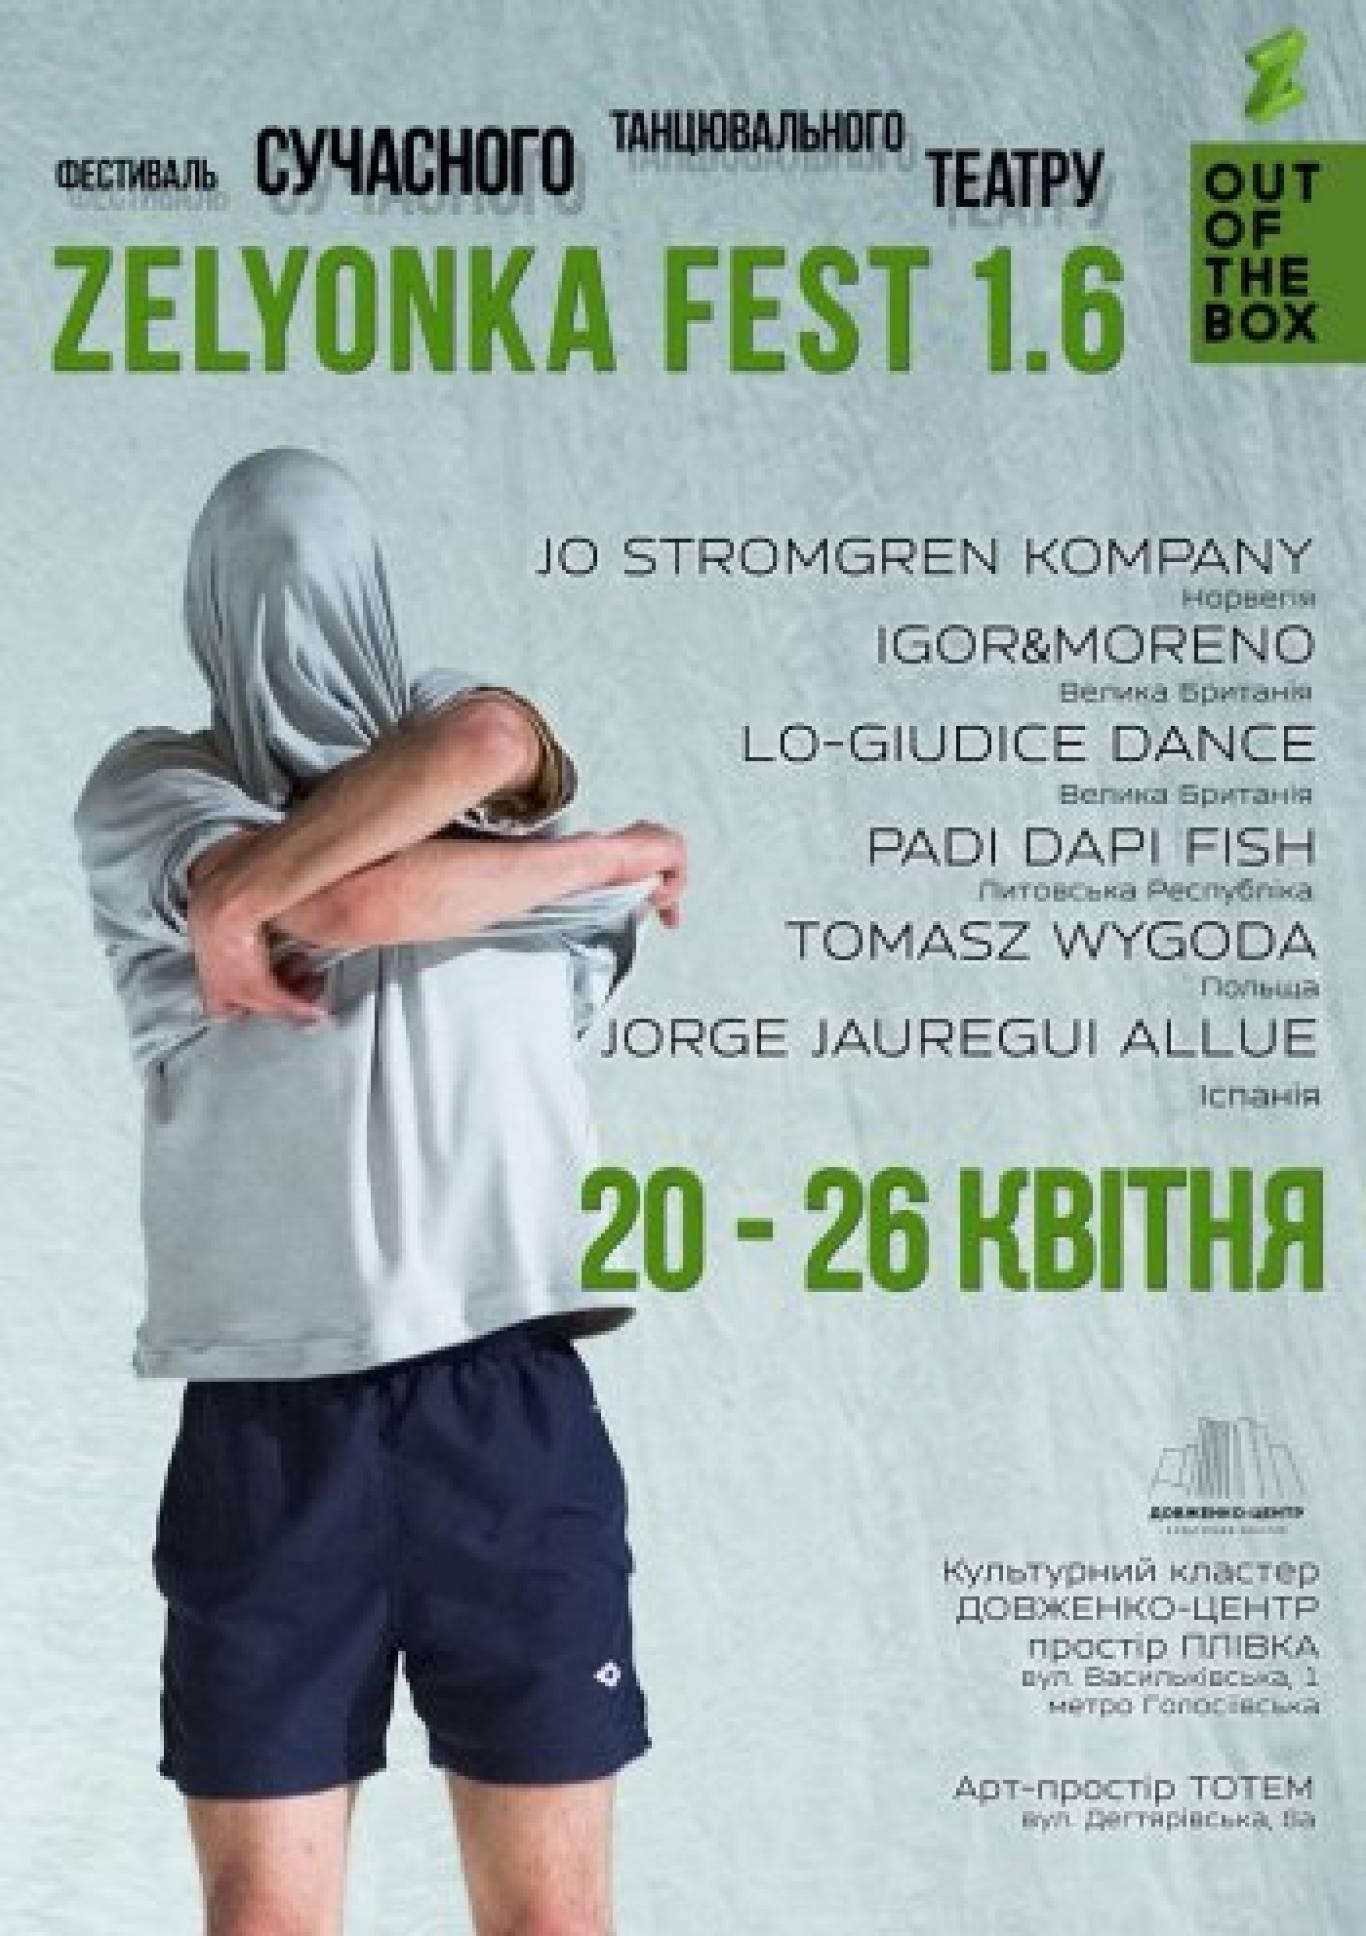 ZelenkaFest 1.6: фестиваль європейських театрів та танців